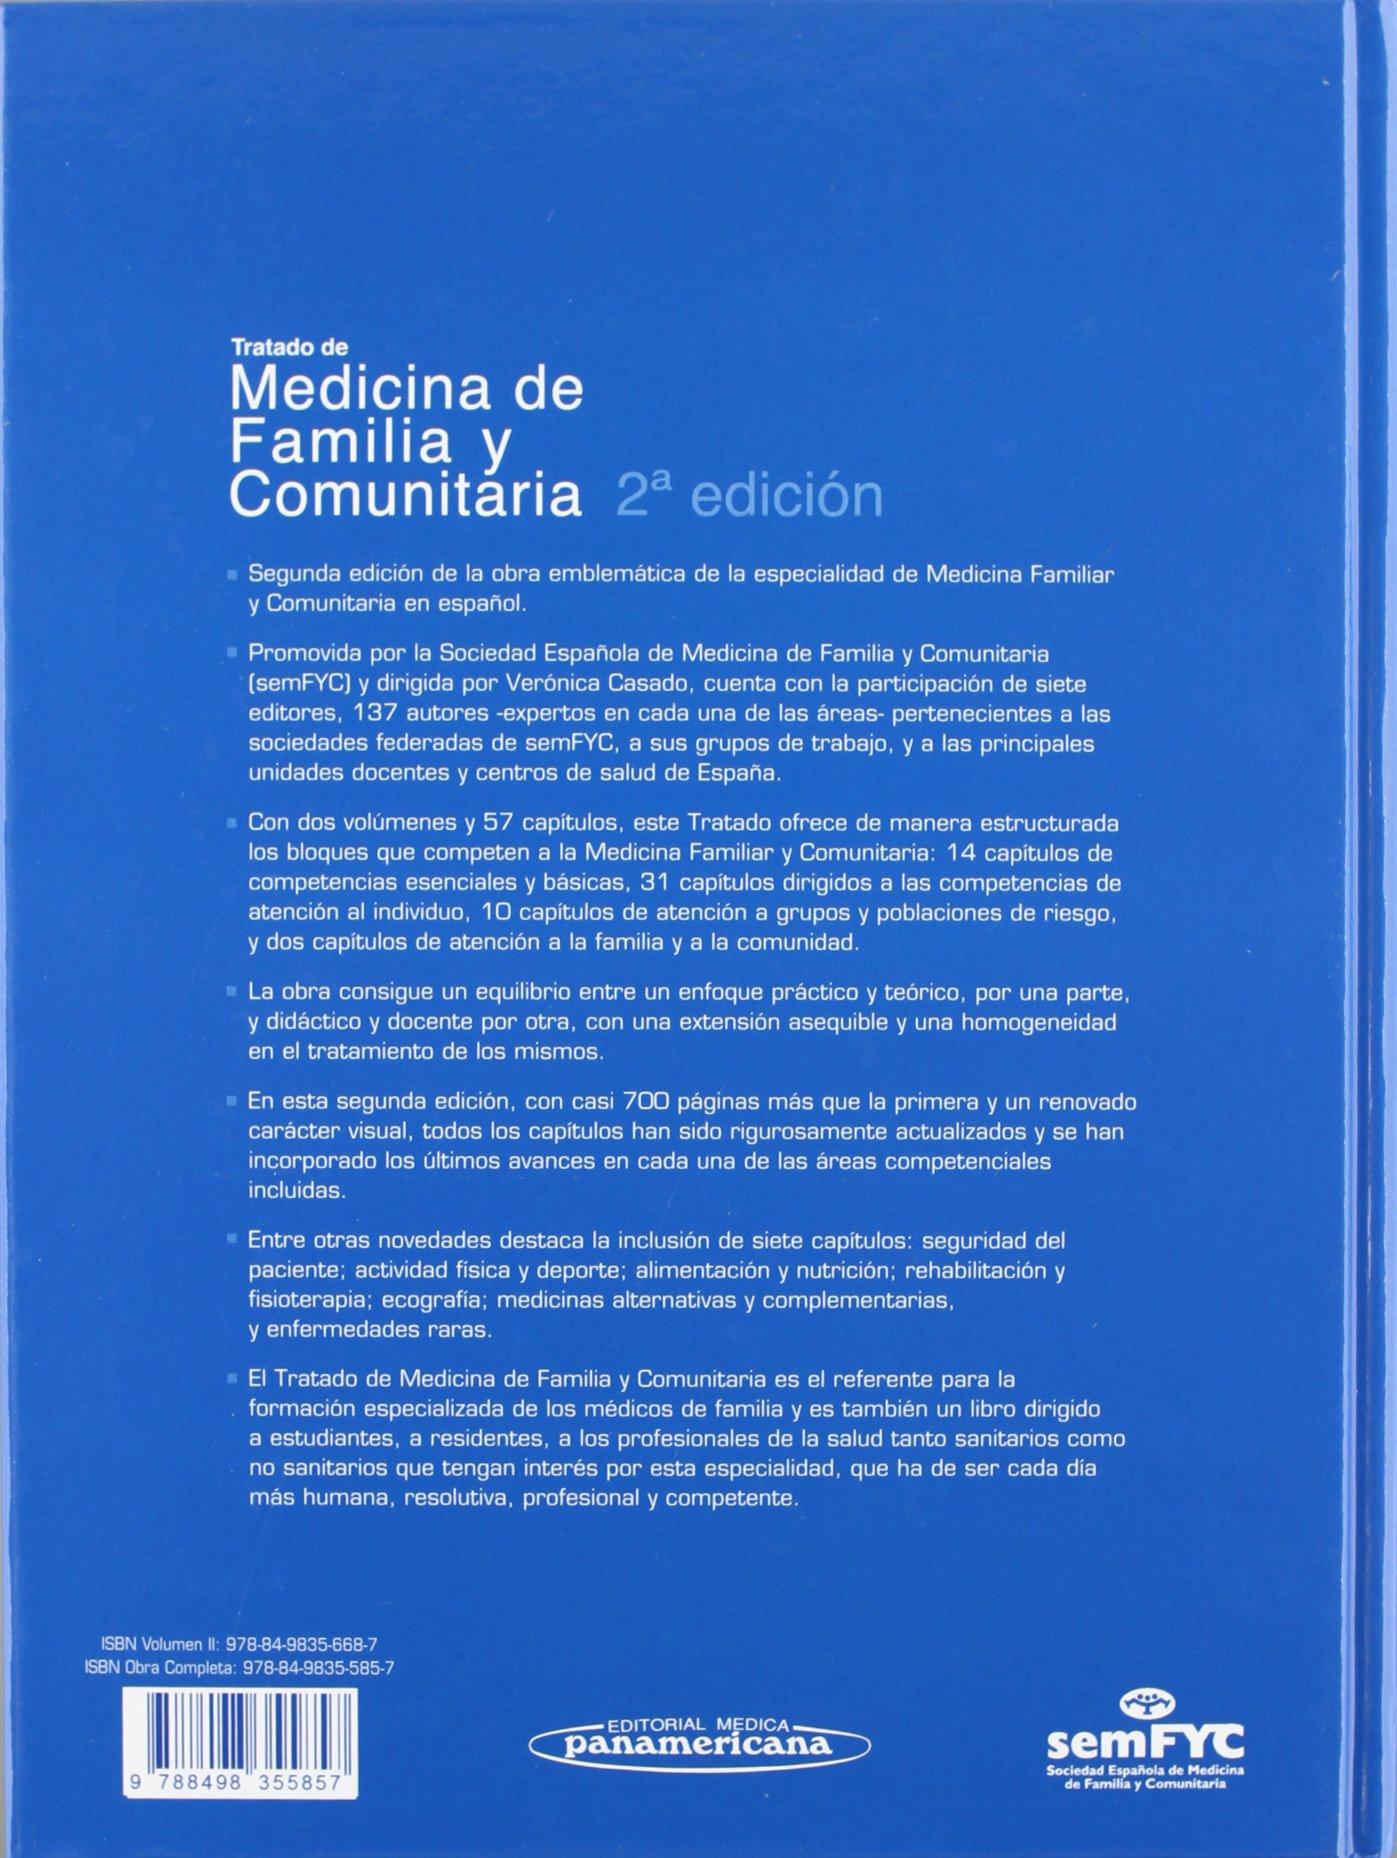 SEMFYC:Trat.Medic.Famil.Comunit.2aEd-2T: Amazon.es: Sociedad Española de Medicina de Familia y Comunitaria: Libros